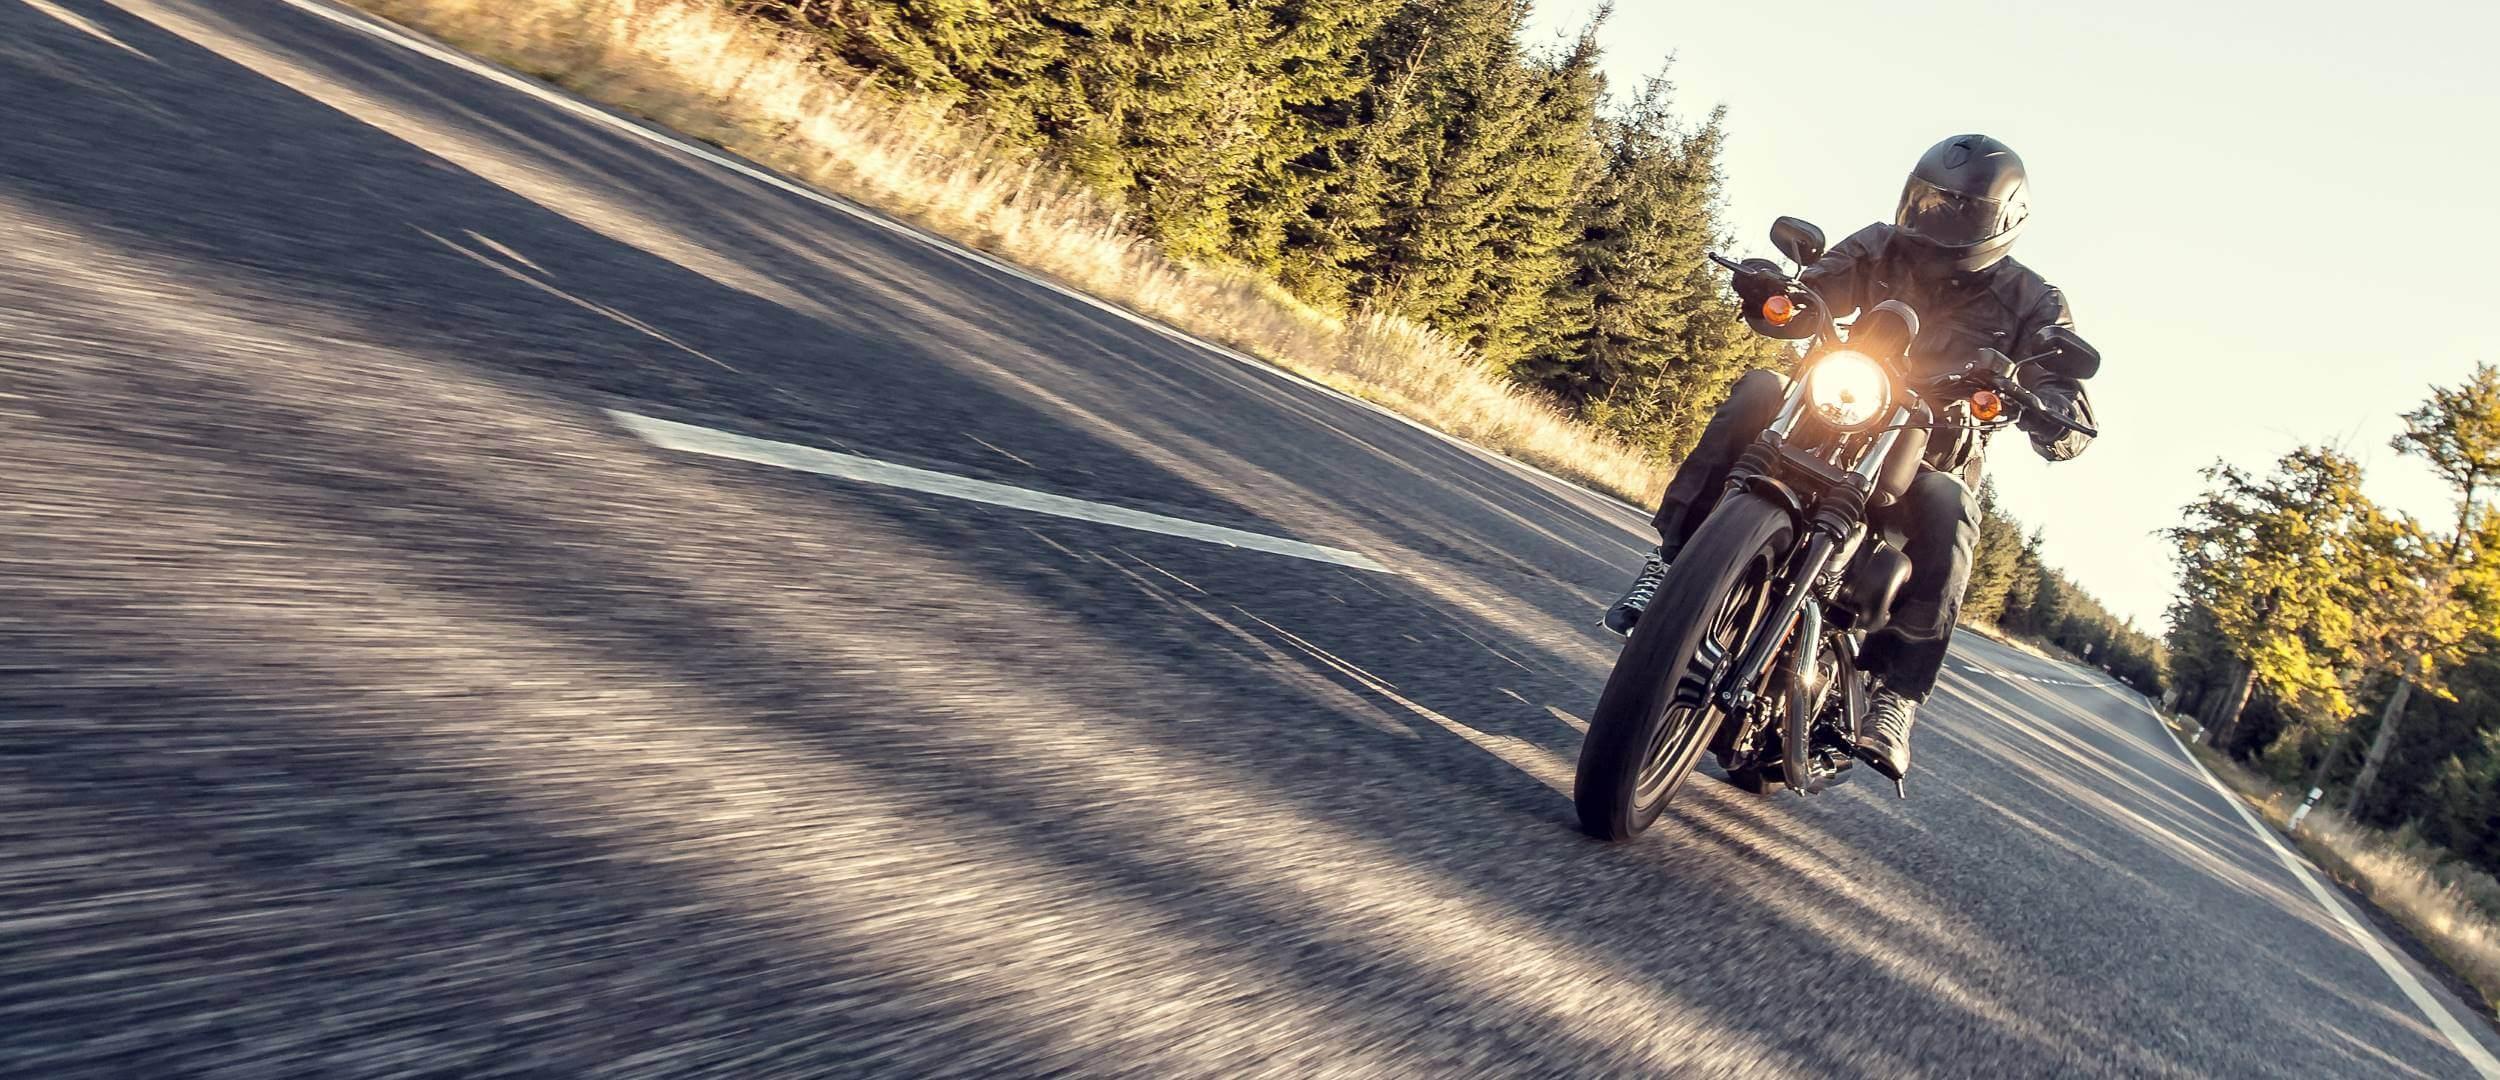 LAMS motorbike finance